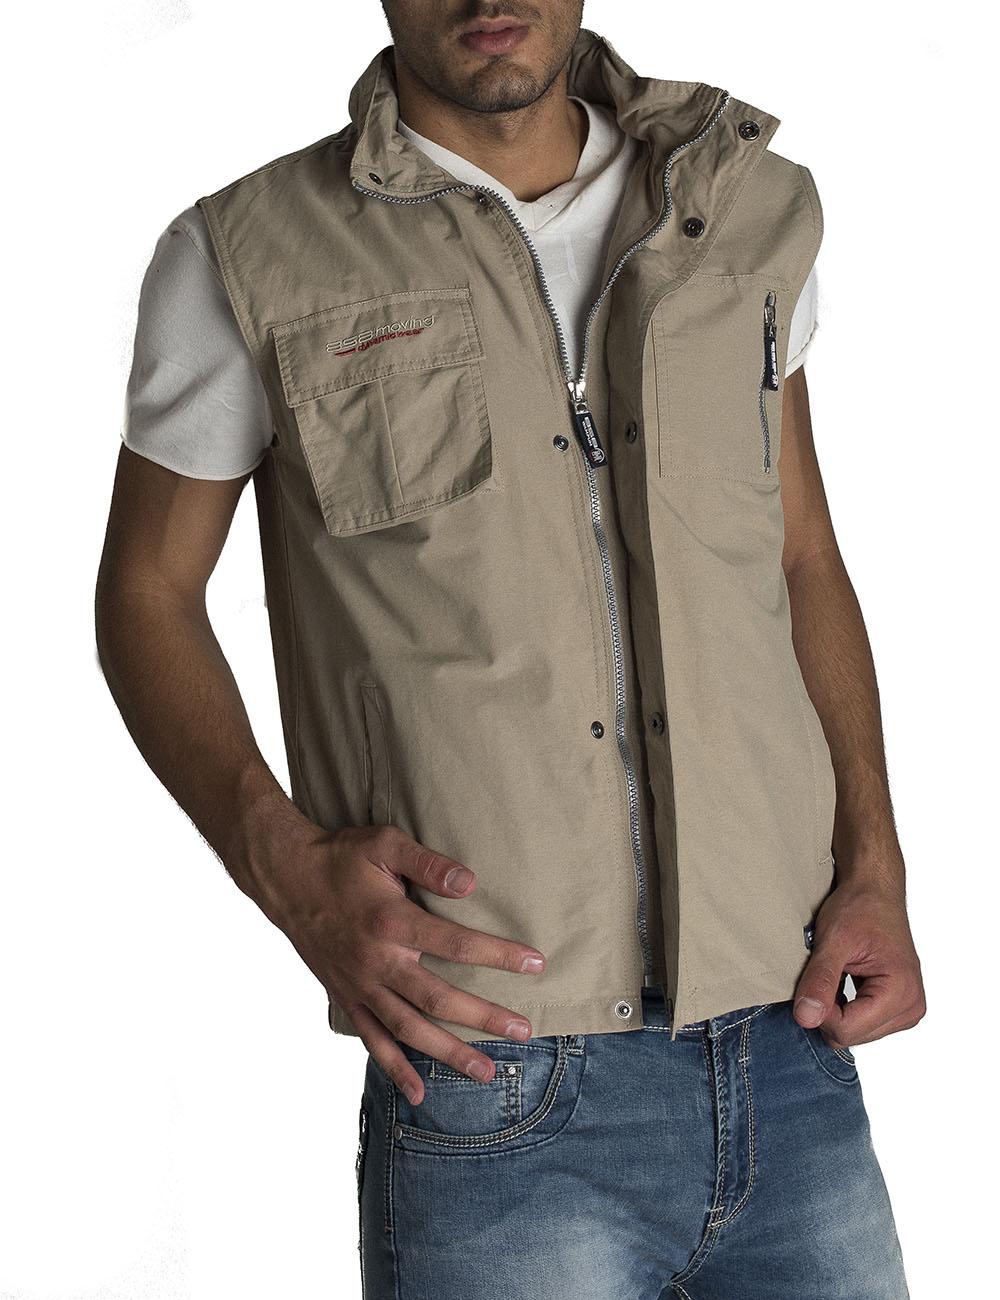 2db86ba2a2b62 Bifulco Abbigliamento   Abbigliamento Uomo Donna Online - Moda Made ...